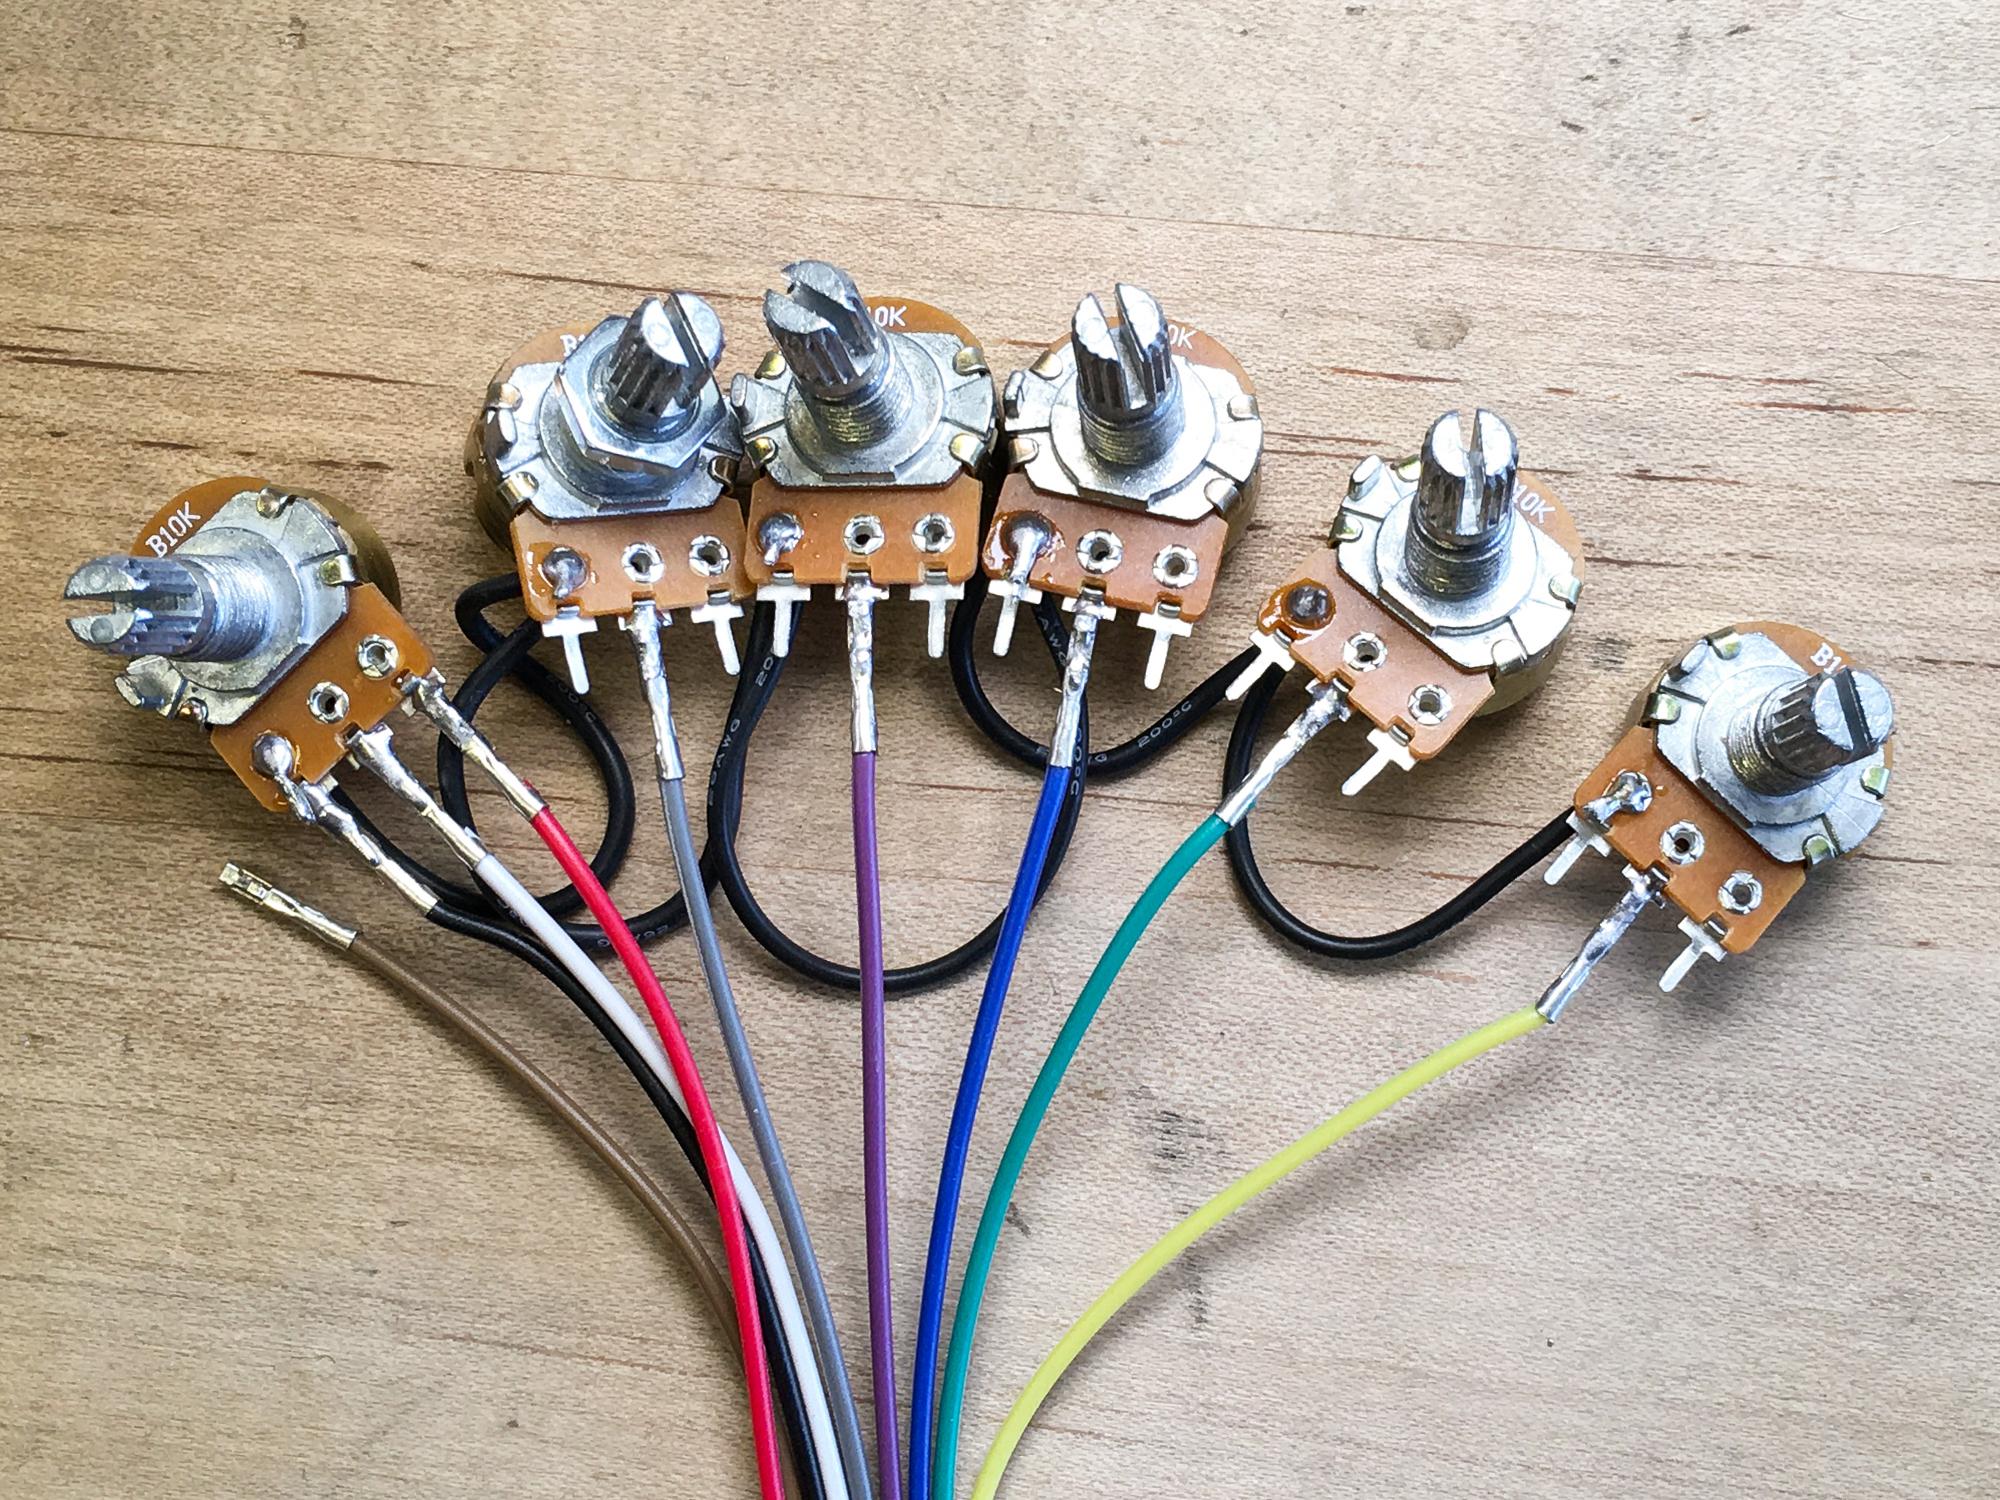 microcontrollers_IMG_2008_2k.jpg